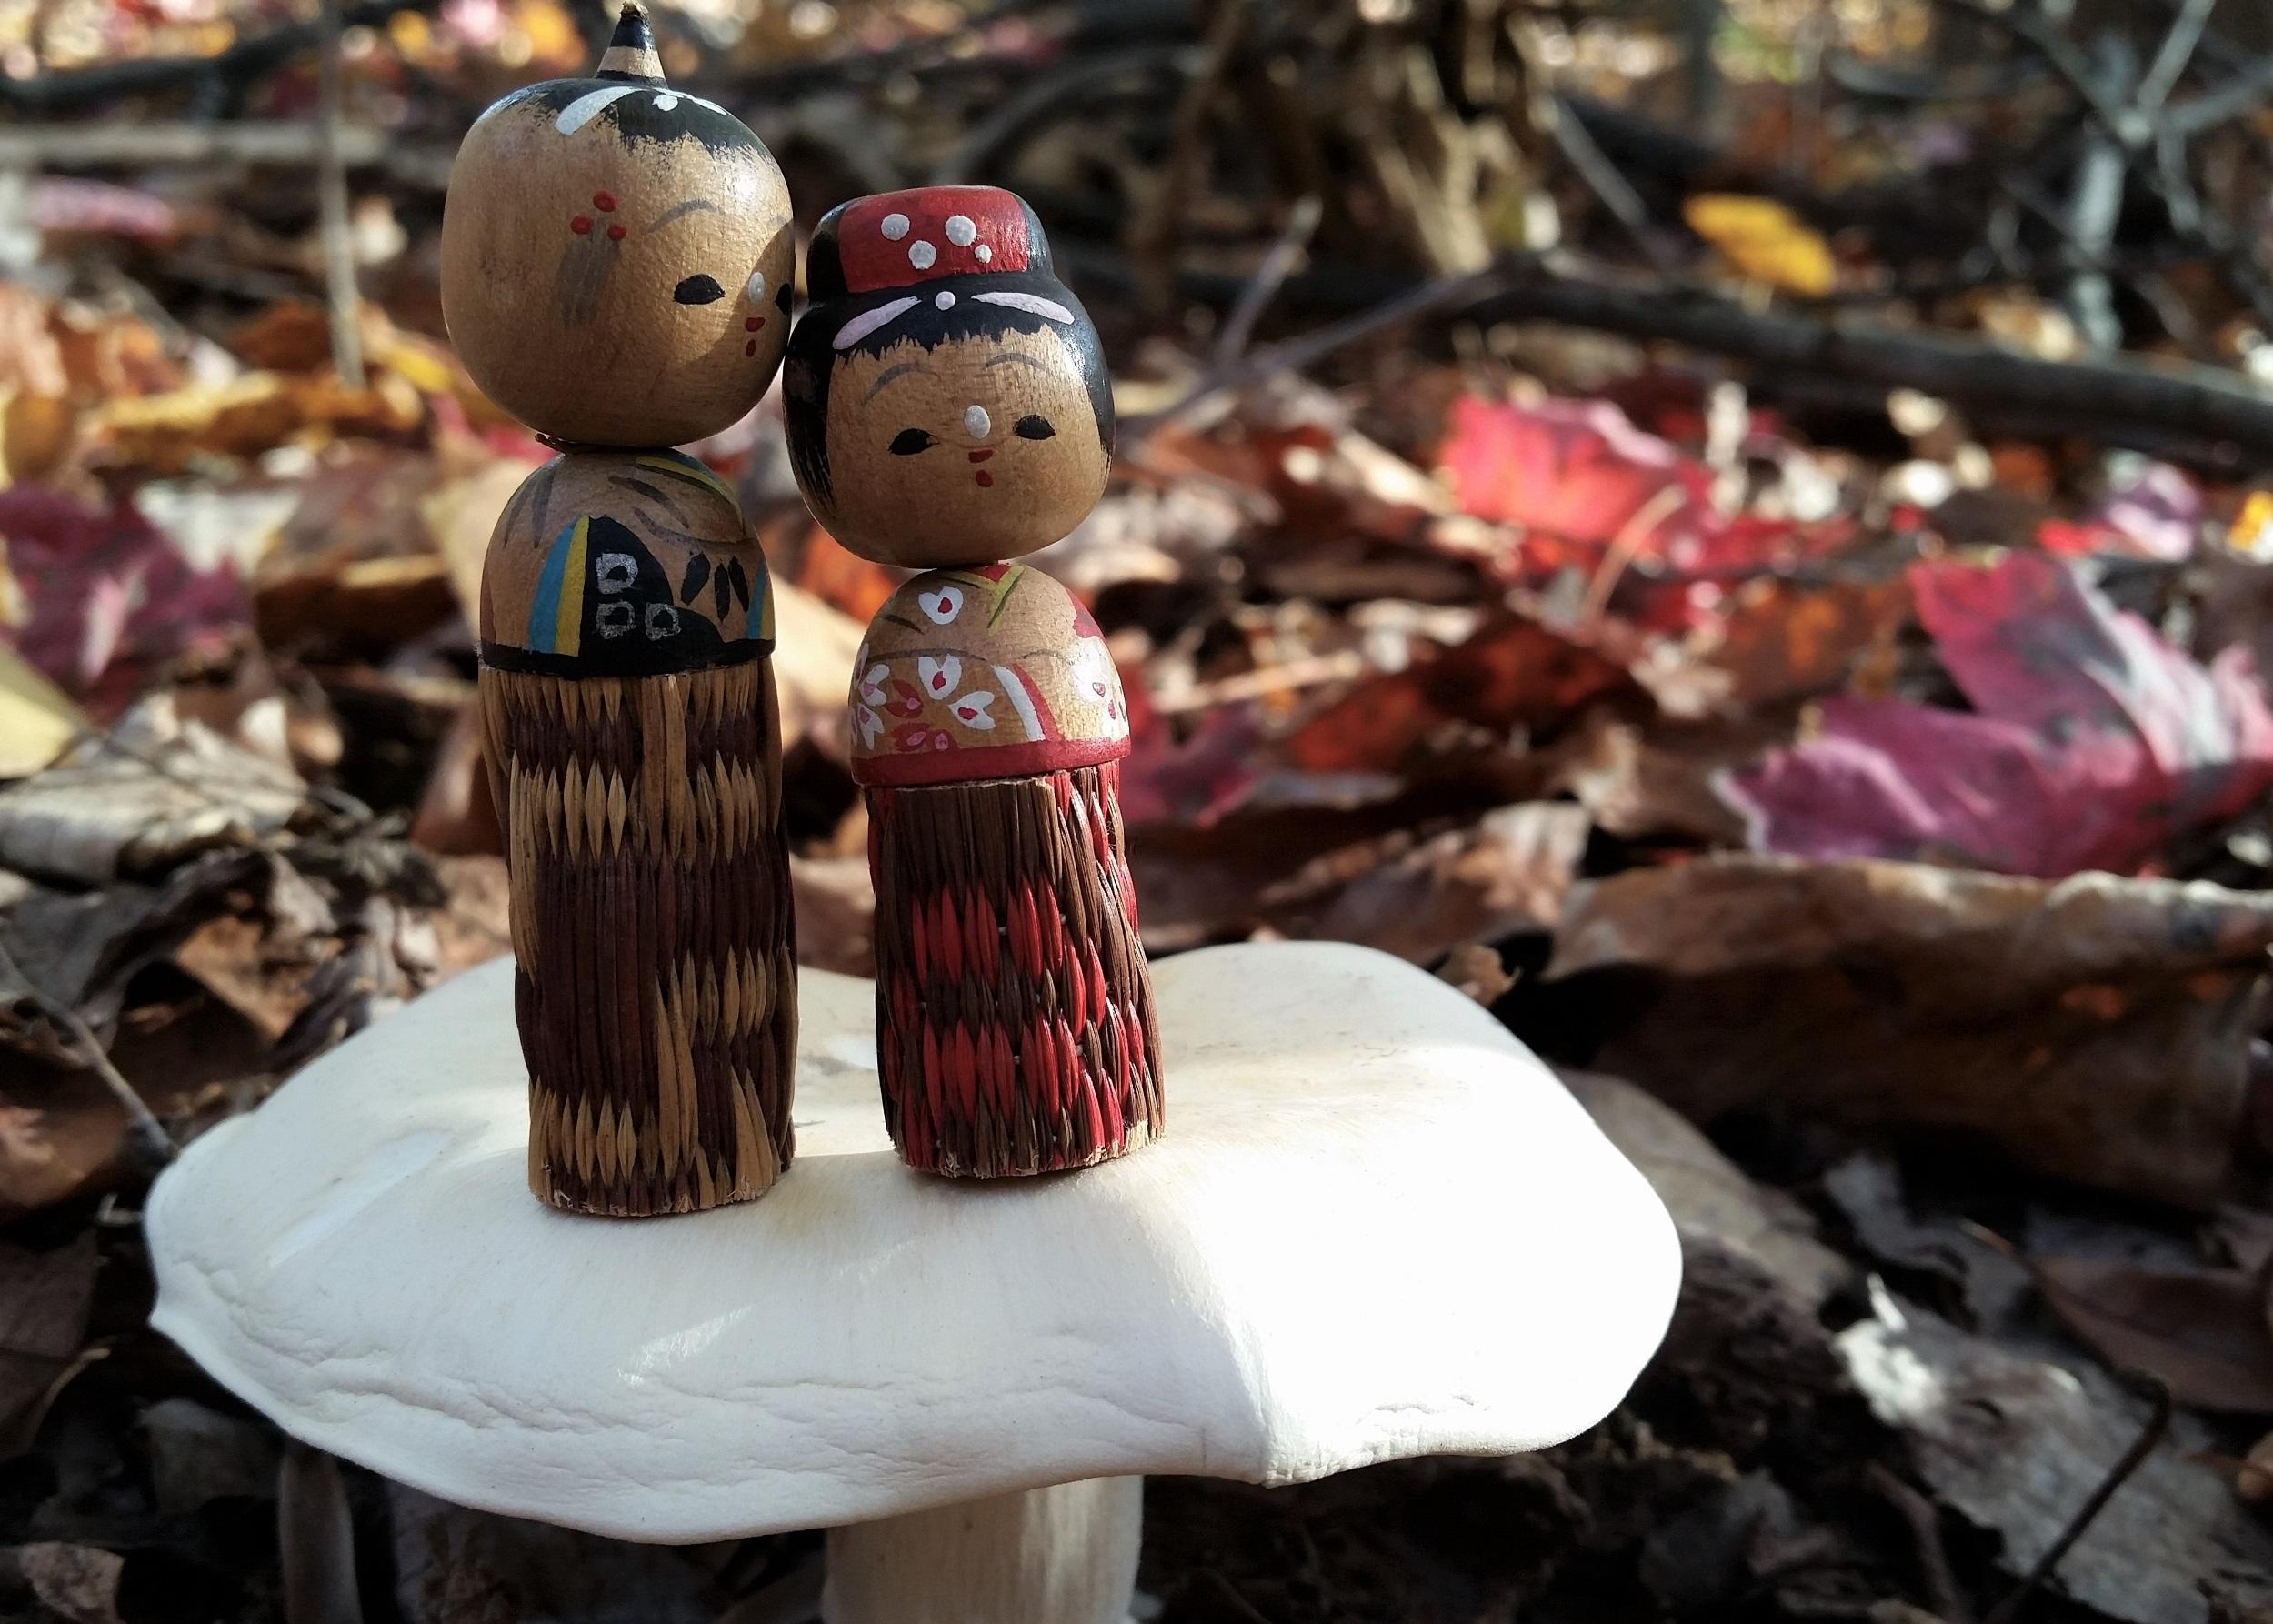 Copy of On a mushroom